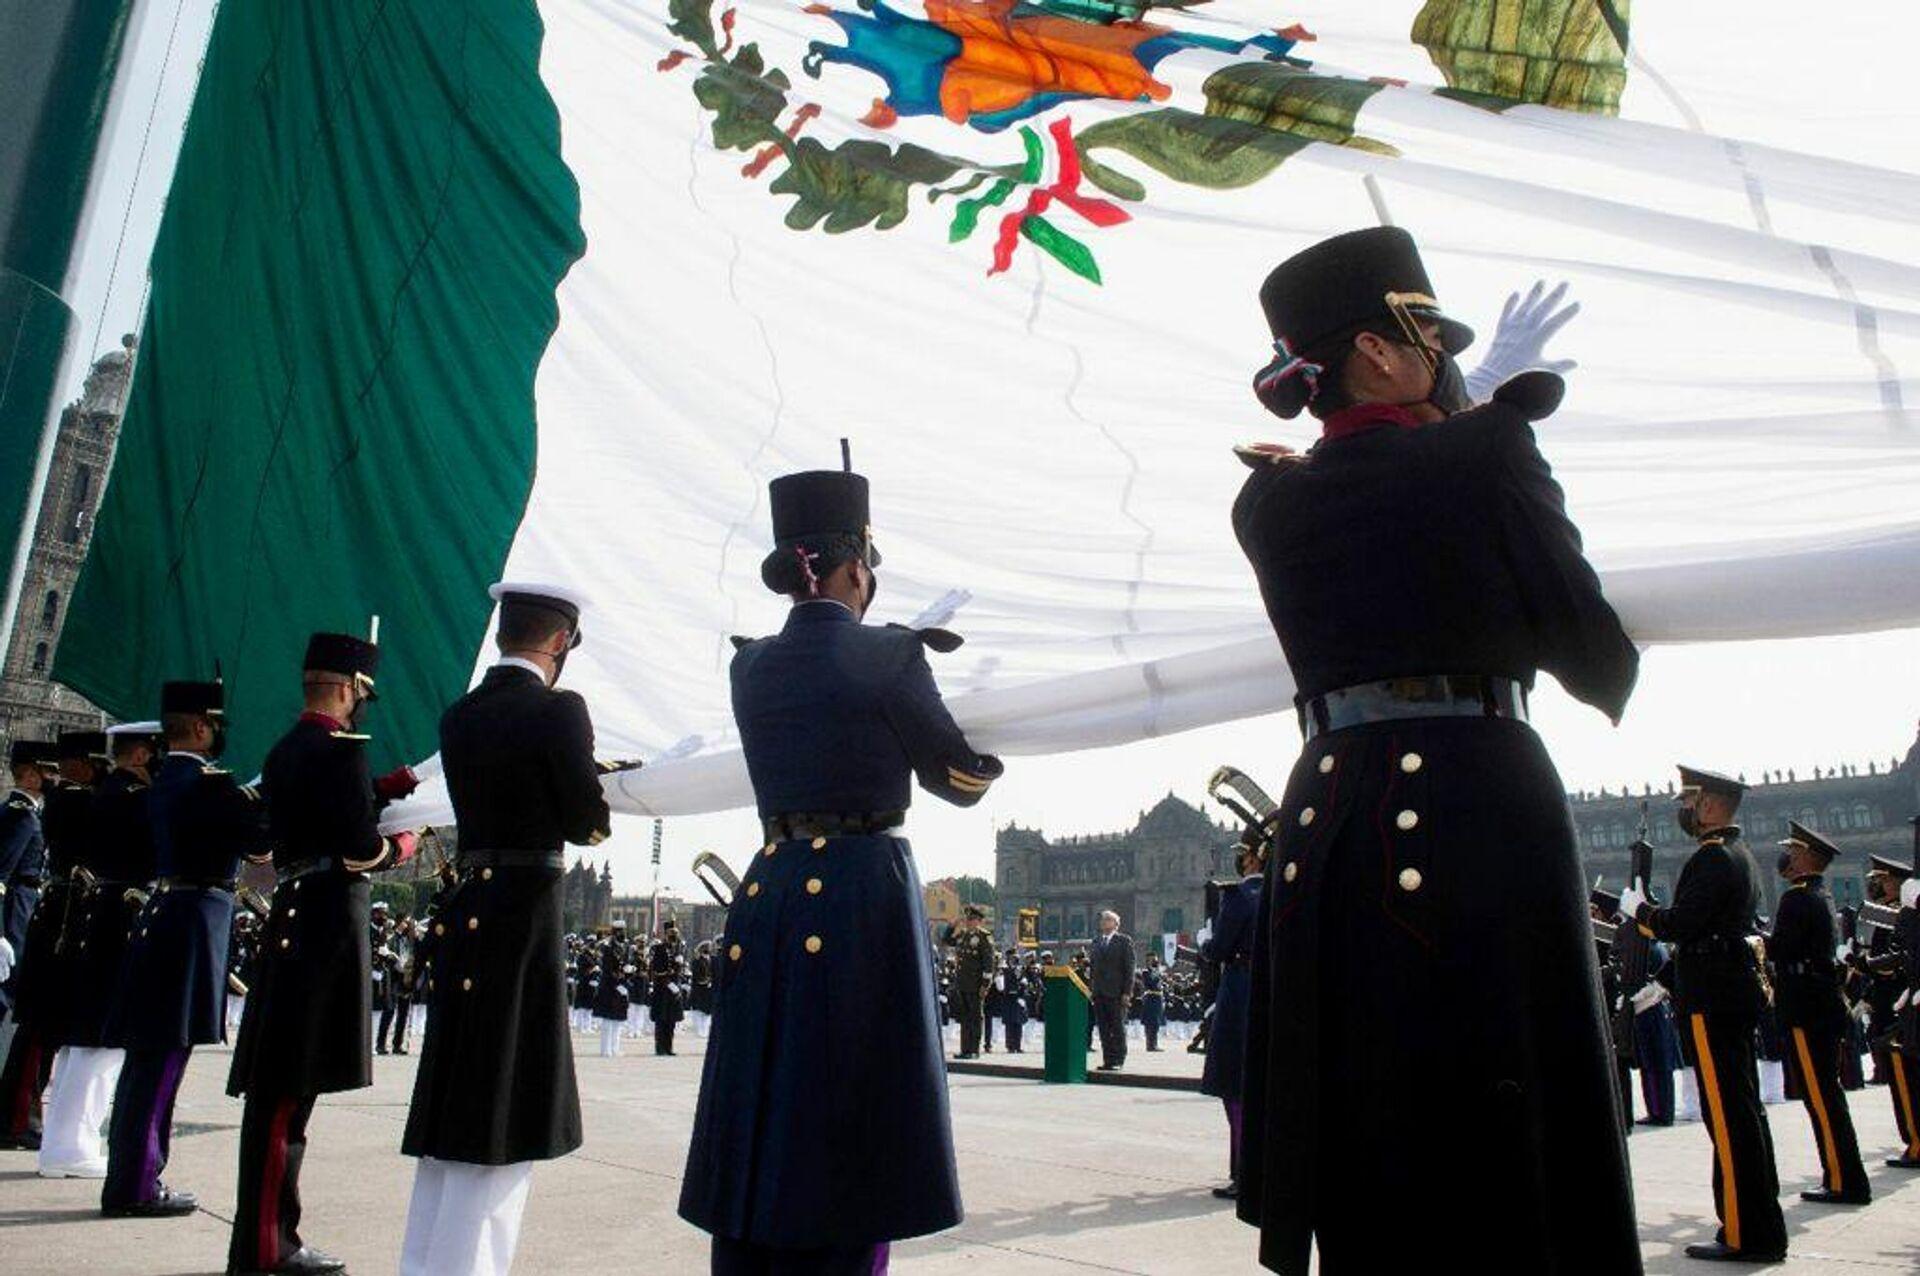 Más de 2.000 mujeres de las Fuerzas armadas participaron en el desfile - Sputnik Mundo, 1920, 16.09.2021